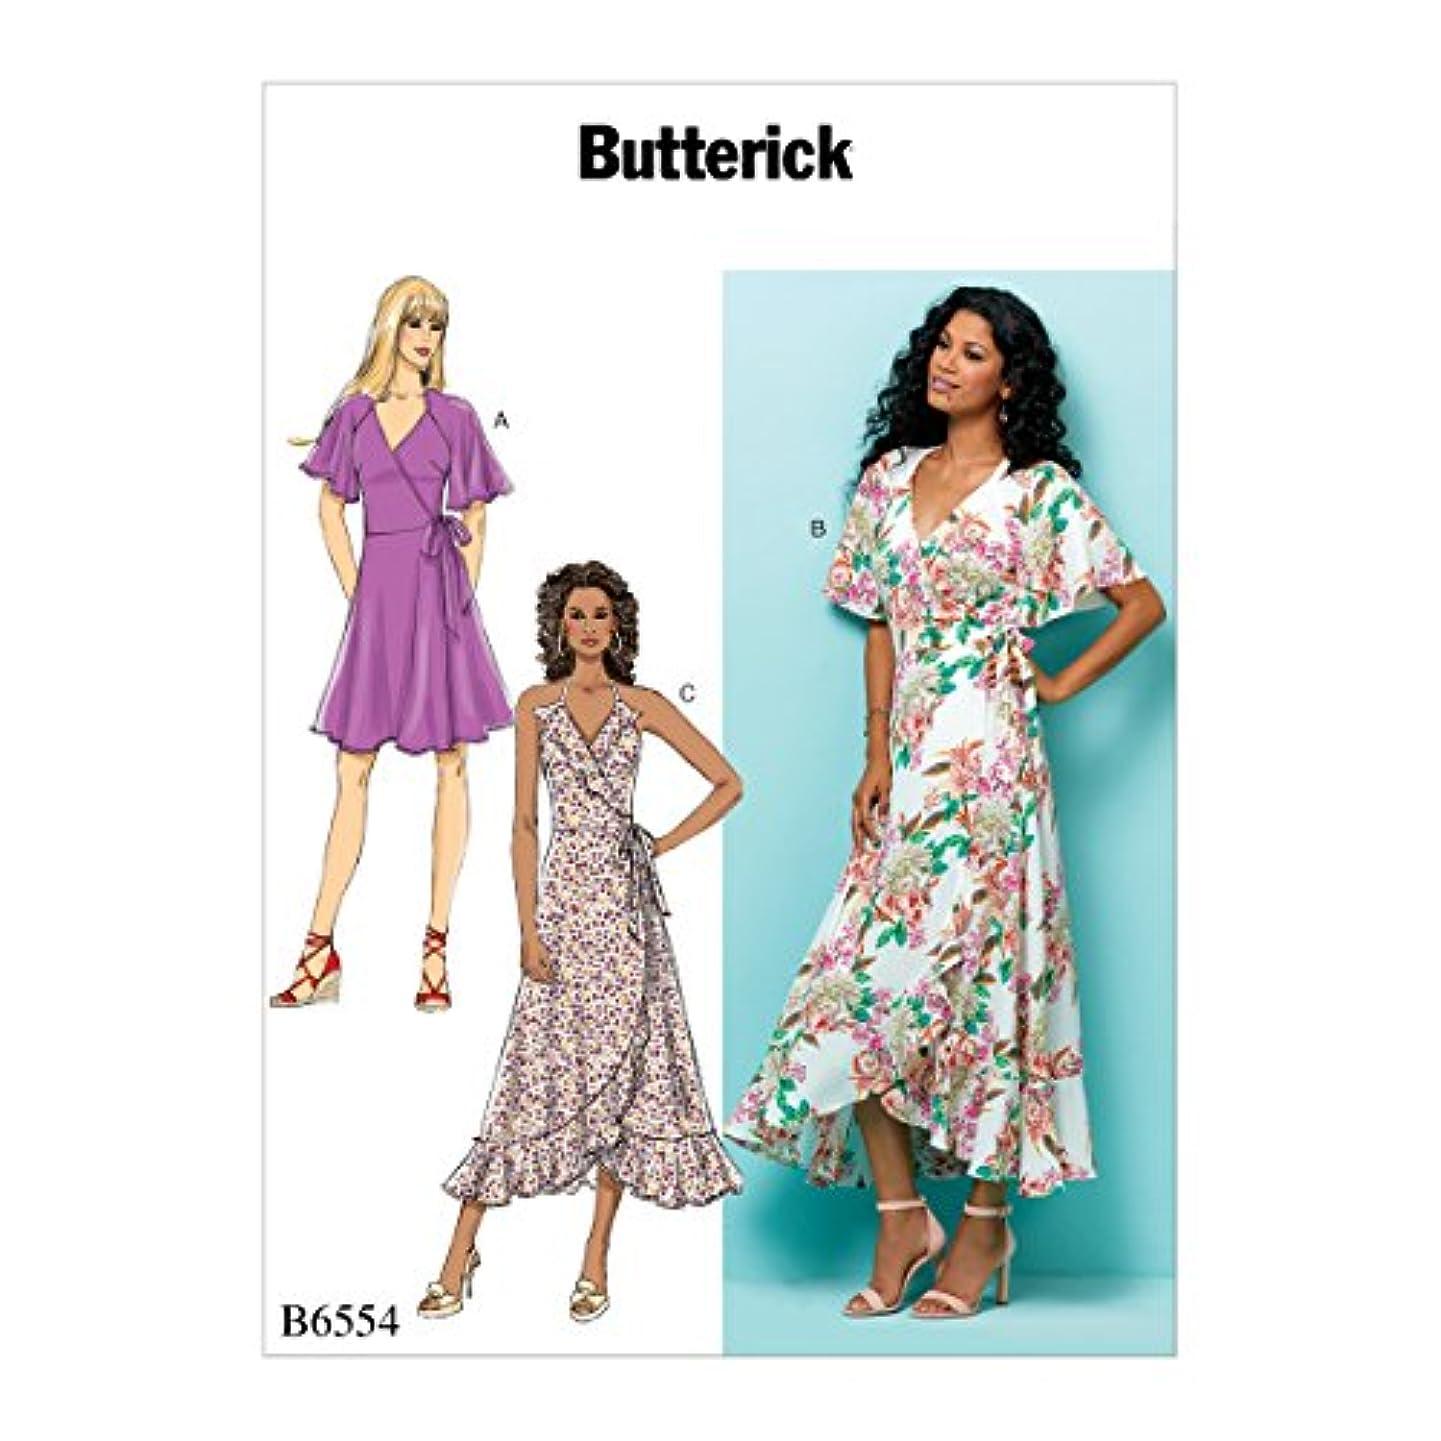 Butterick Patterns B6554A50 Misses' Wrap Dresses, A5 (6-8-10-12-14)